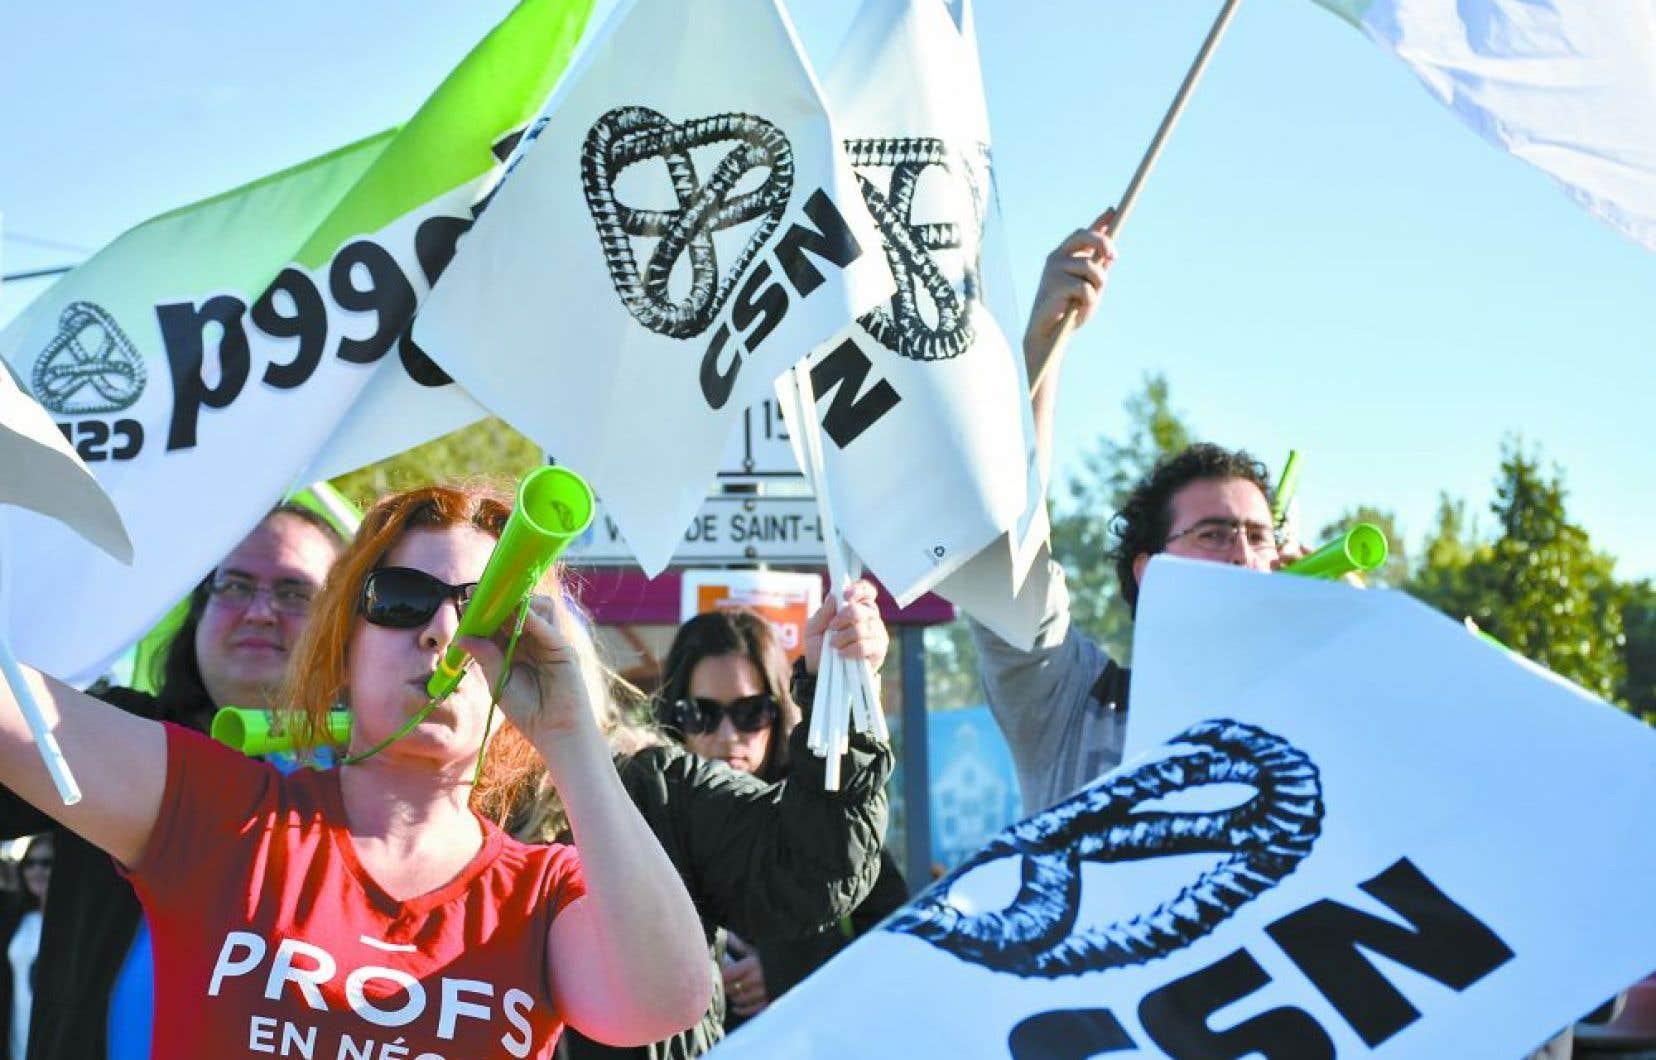 La longue lutte de la FNEEQ auprès des enseignants de cégeps s'est traduite par des correctifs salariaux.